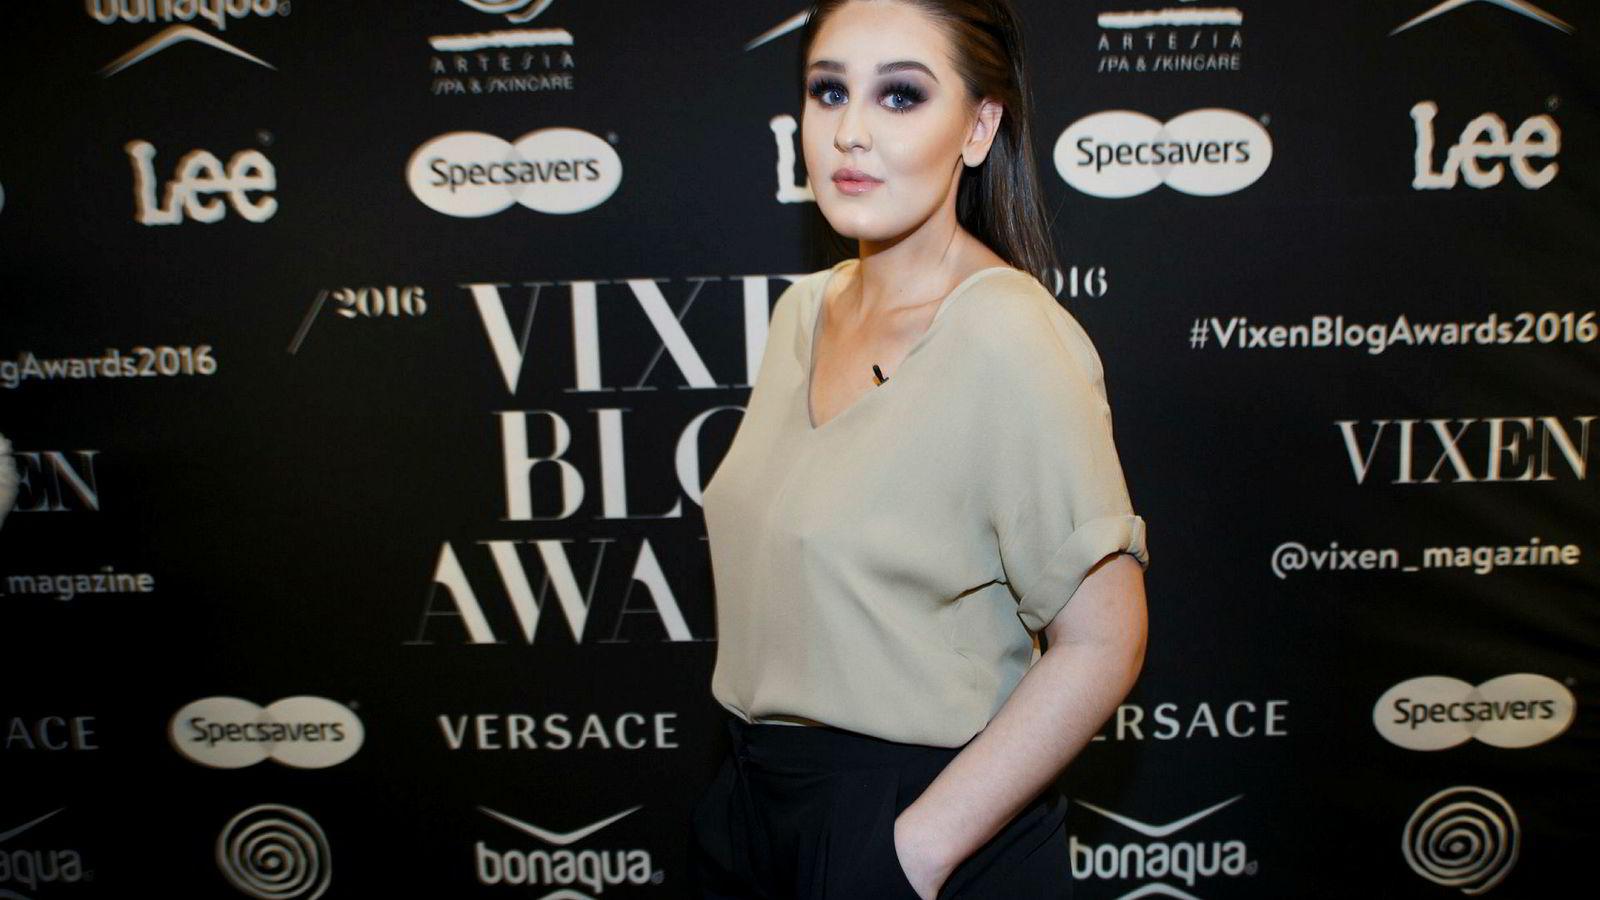 Anna Rasmussen er en av Norges mest leste bloggere. Her fra Vixen Blog Awards 2016 på Grand Hotel i Oslo.